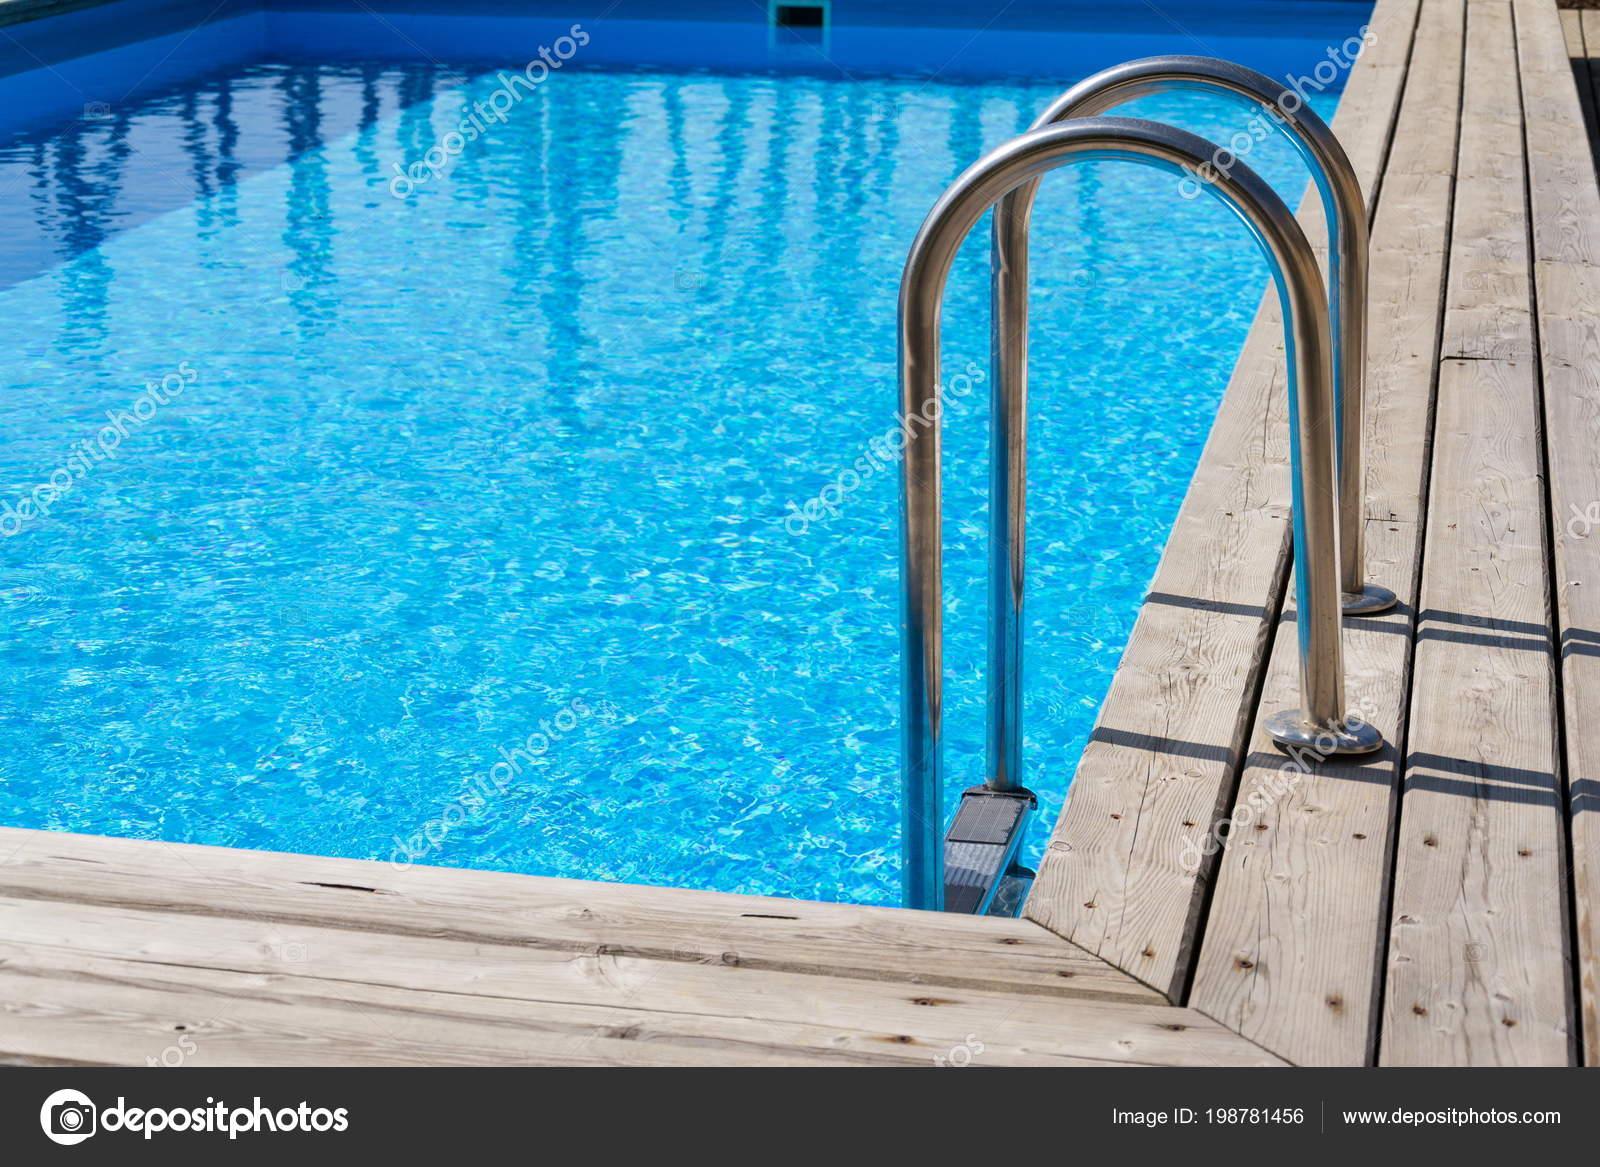 Vloeren Voor Buiten : Inox ladder trap blauwe buiten skimmer zwembad met houten vloeren